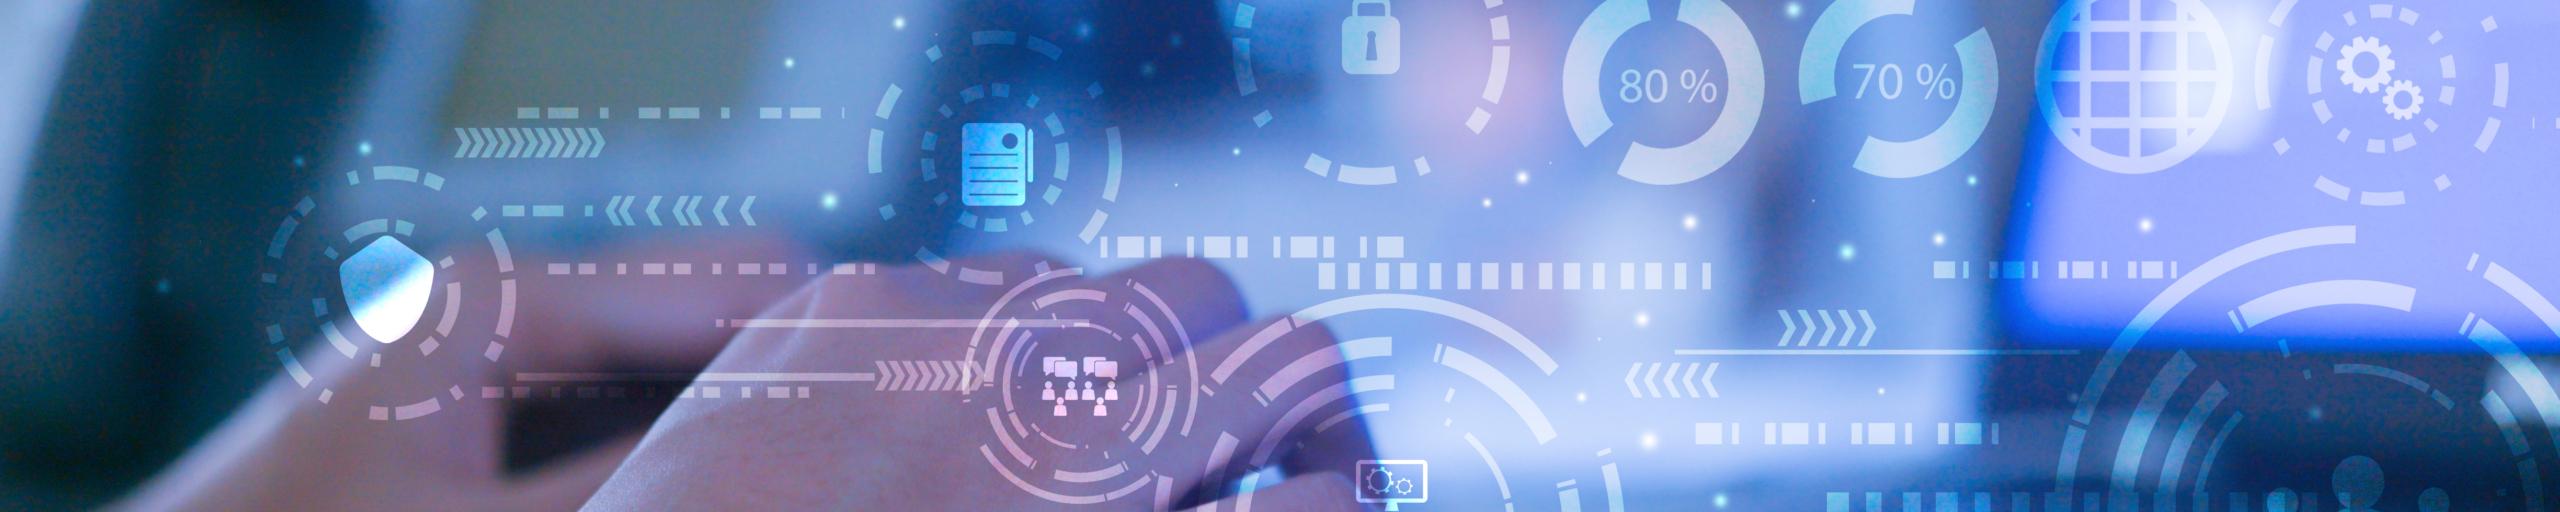 Headerbild Finger auf Tastatur mit Digitalen Symbolen